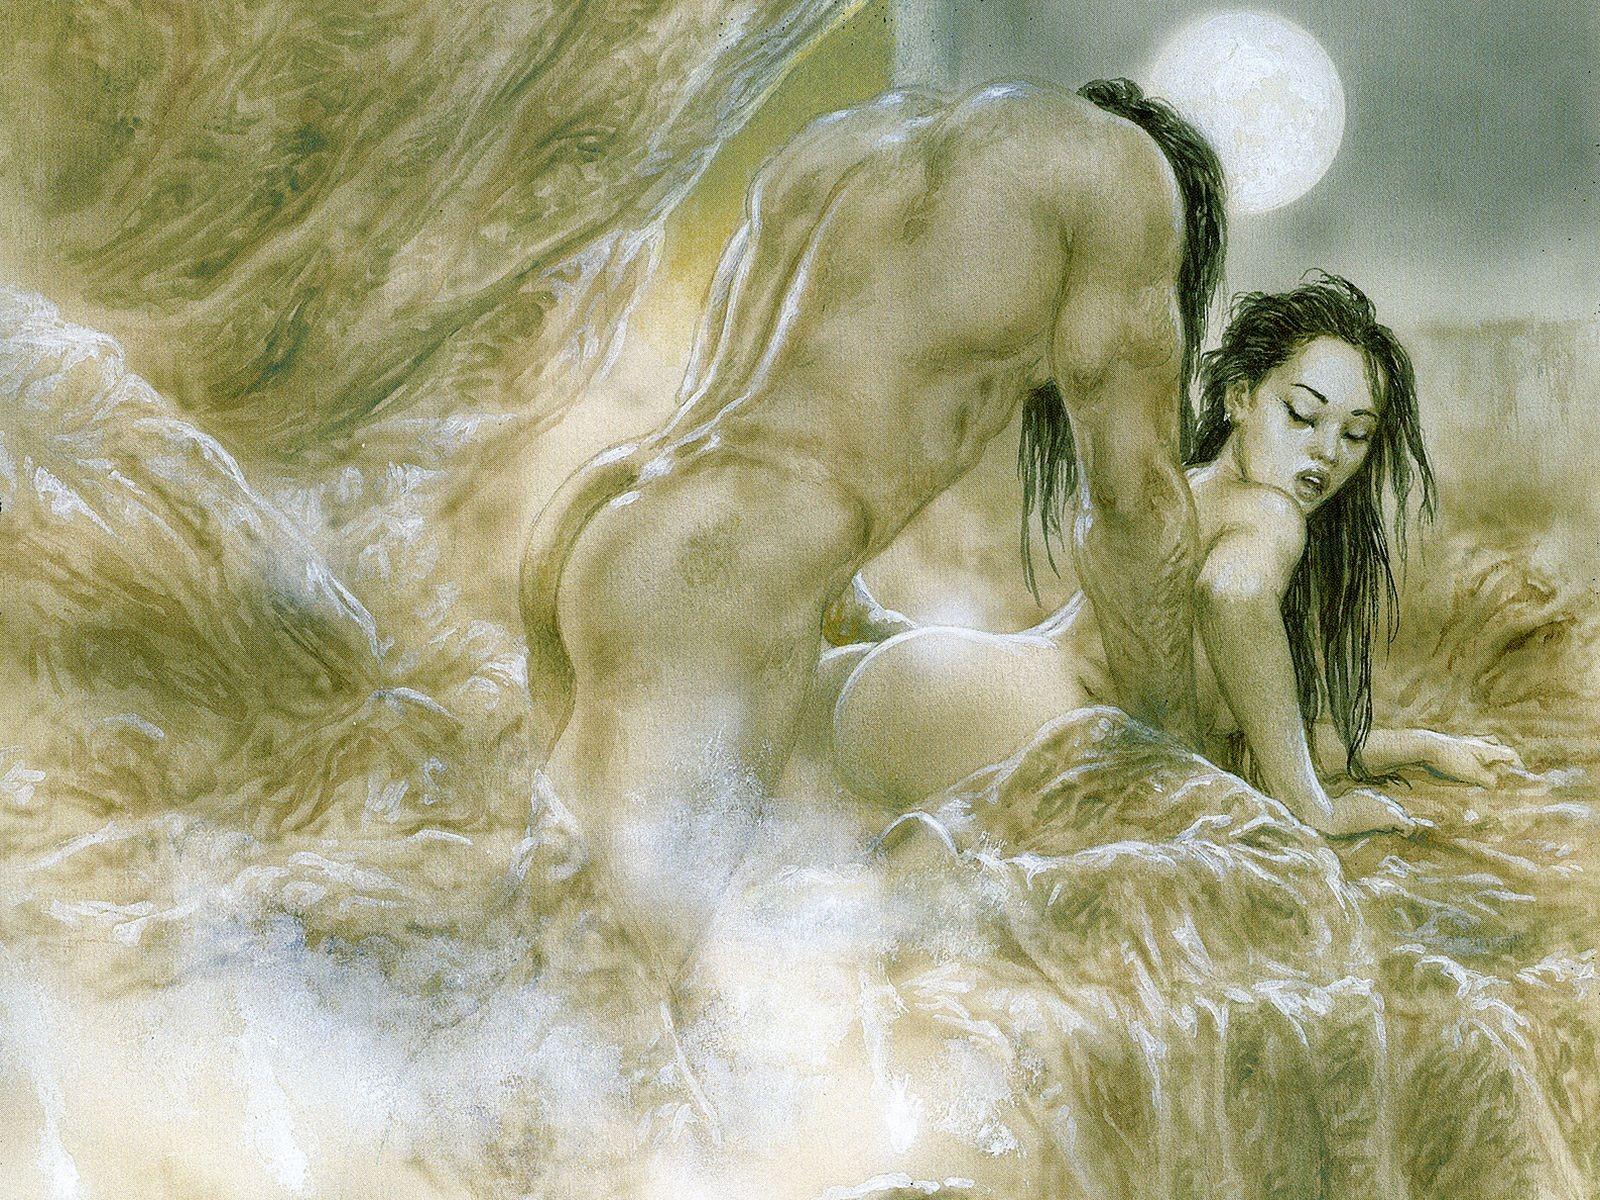 Эротические картины мужчины и женщины осмотр